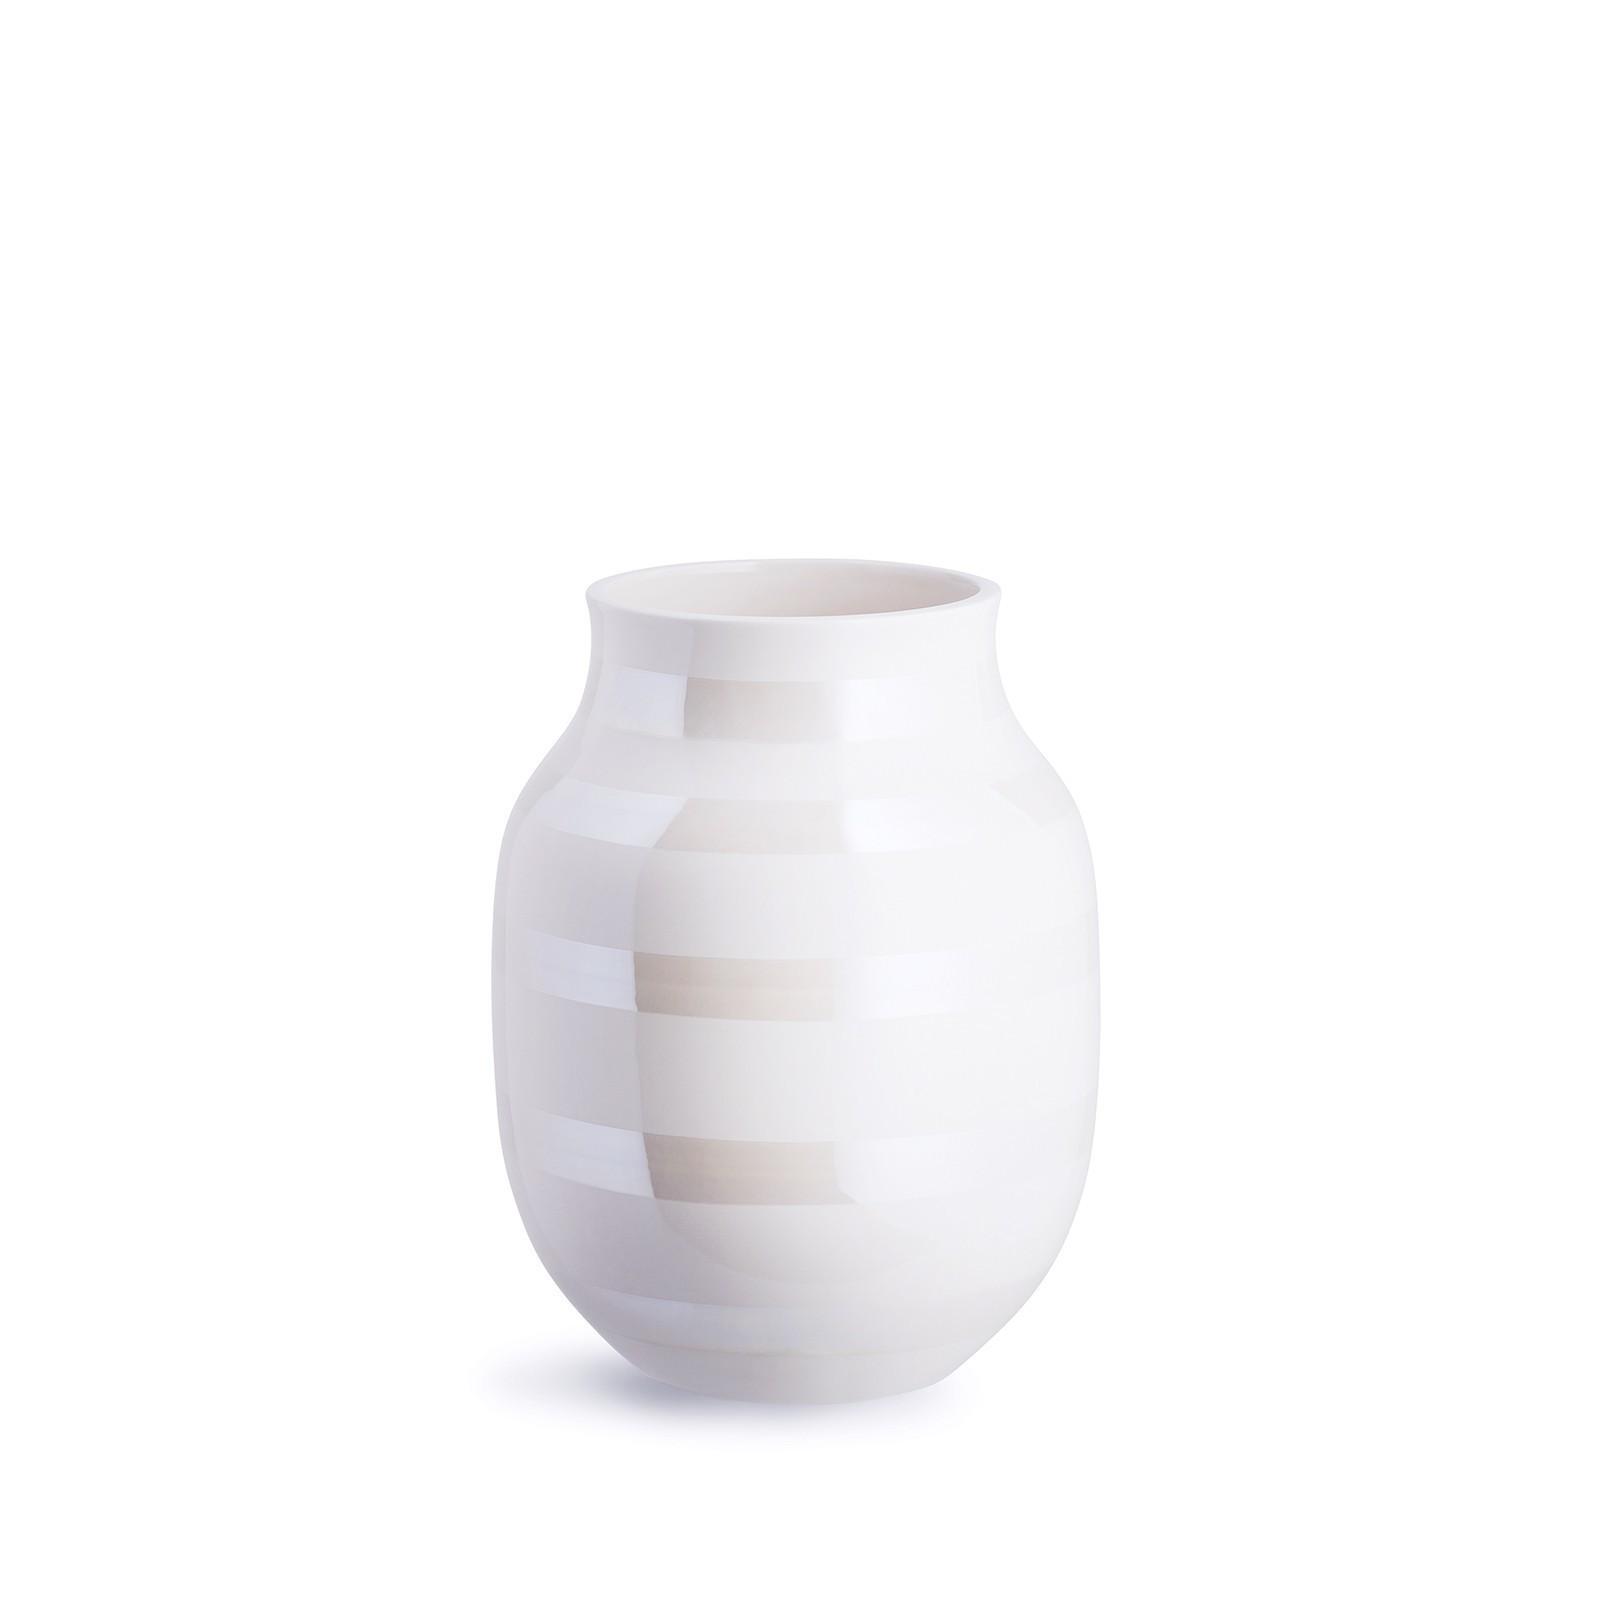 Kähler Omaggio Vasen mittel aus Keramik